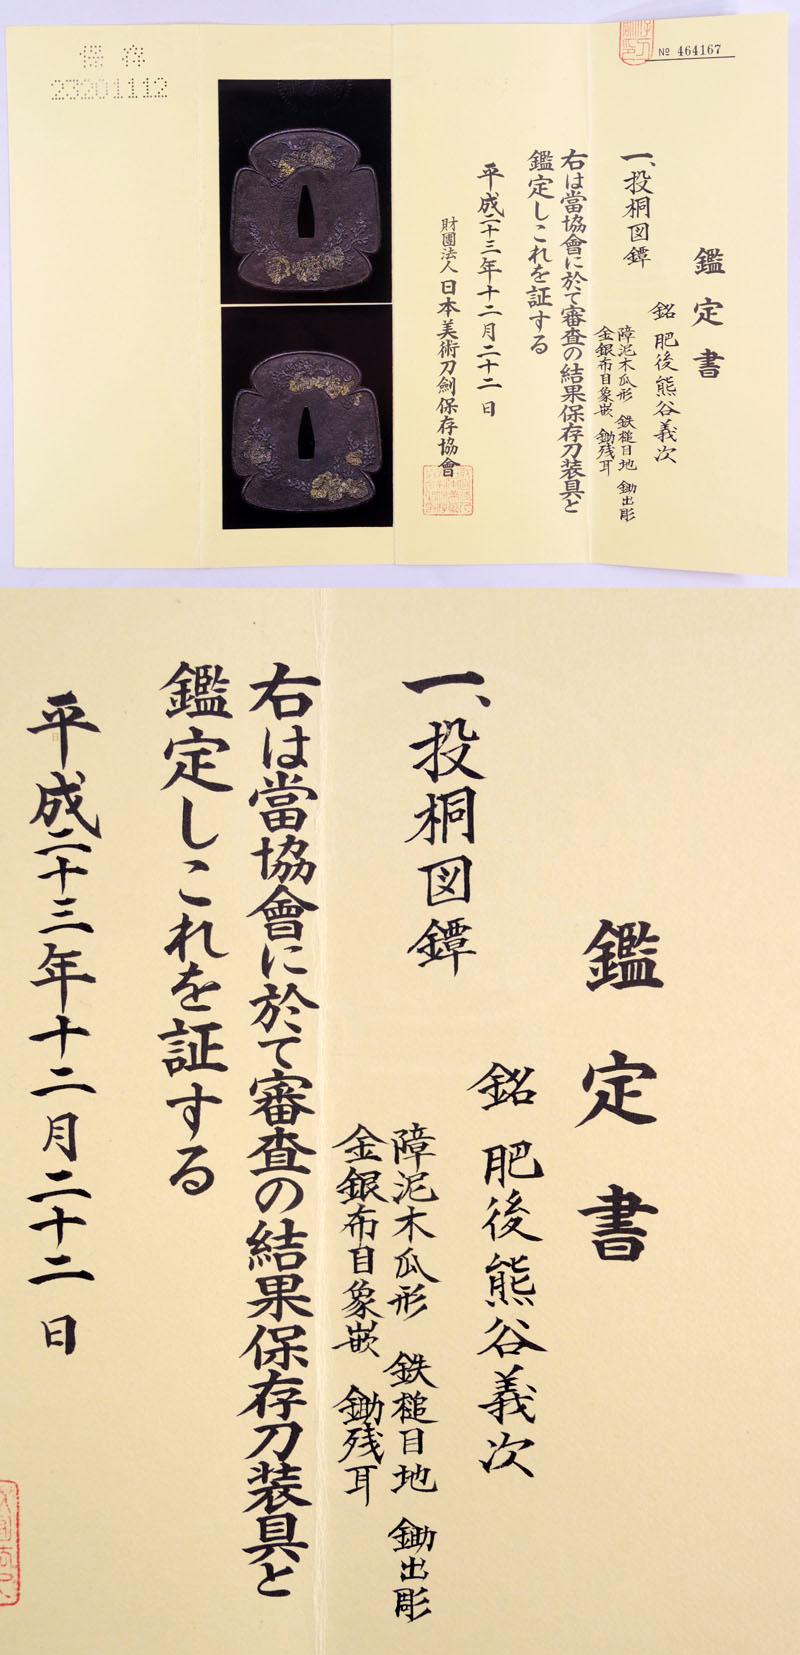 投桐図鍔 肥後熊谷義次 Picture of Certificate